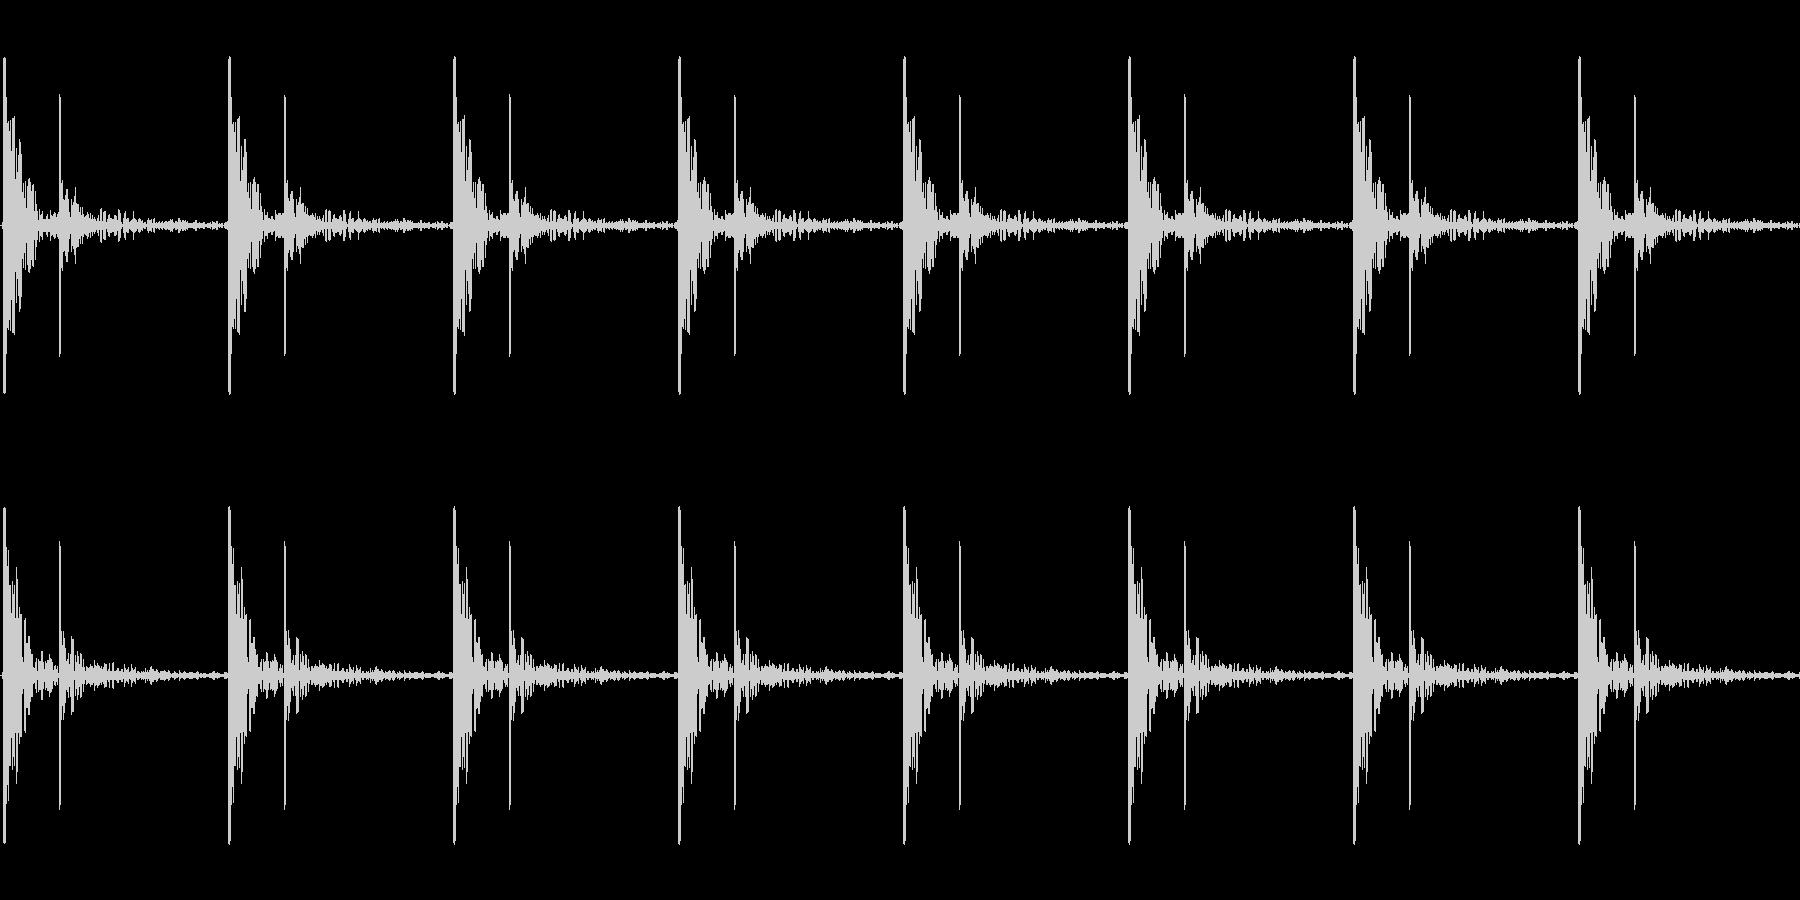 心臓の鼓動_上昇_心拍数48(残響あり)の未再生の波形